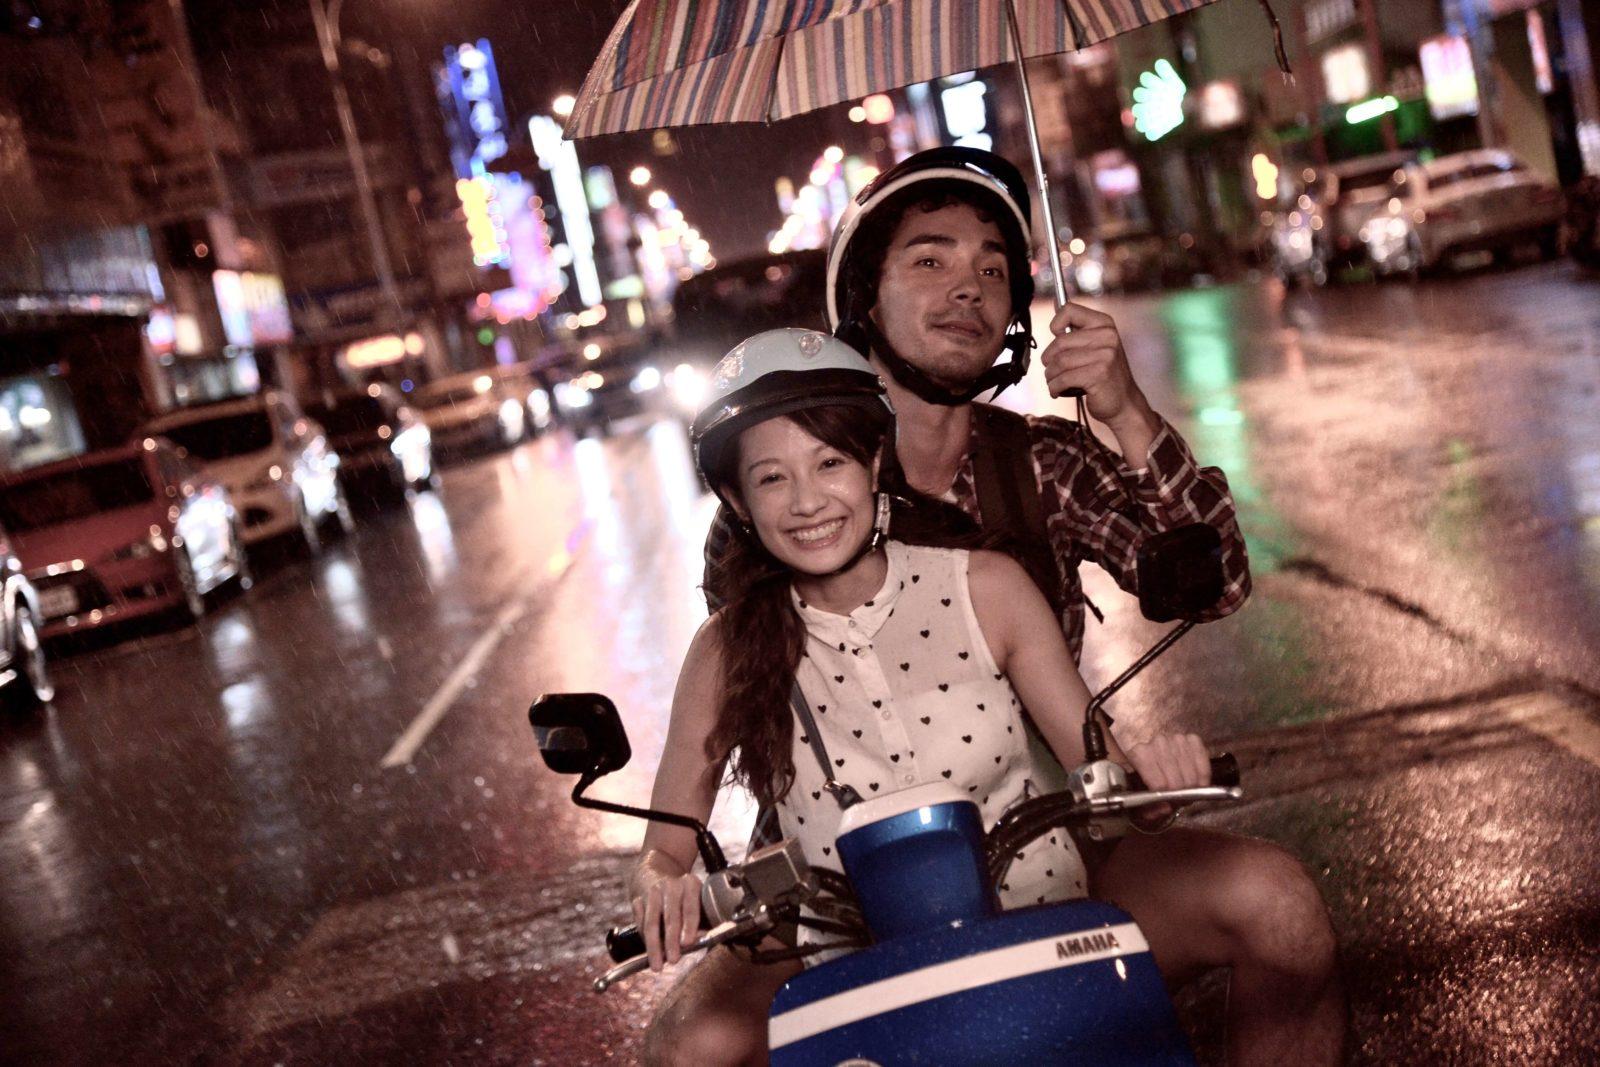 中野裕太「30になった時に、やっと映画人として産んでもらった気がしました。」【インタビュー】